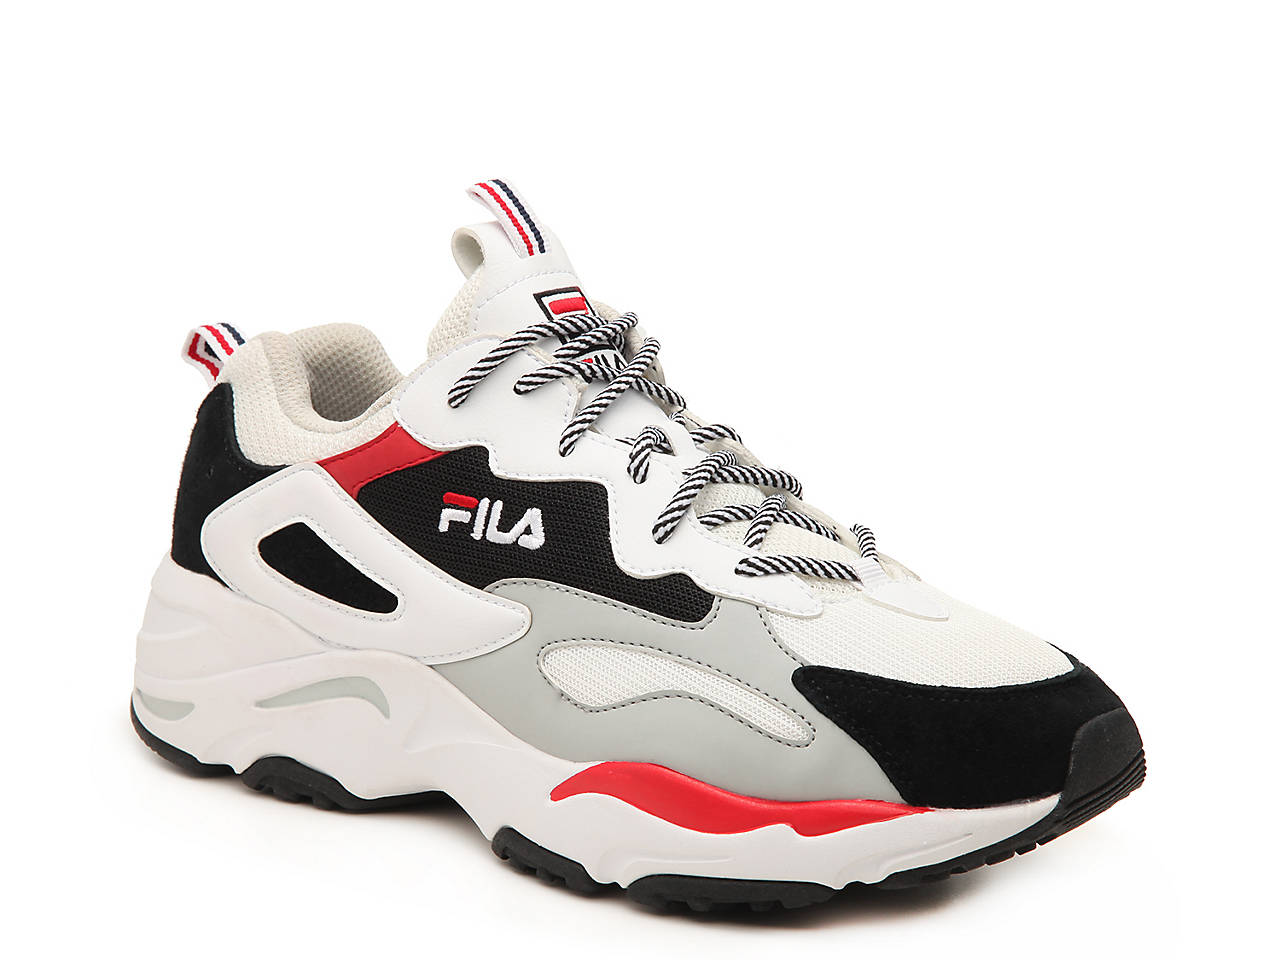 2a496b3343 Fila Ray Tracer Sneaker - Men's Men's Shoes | DSW